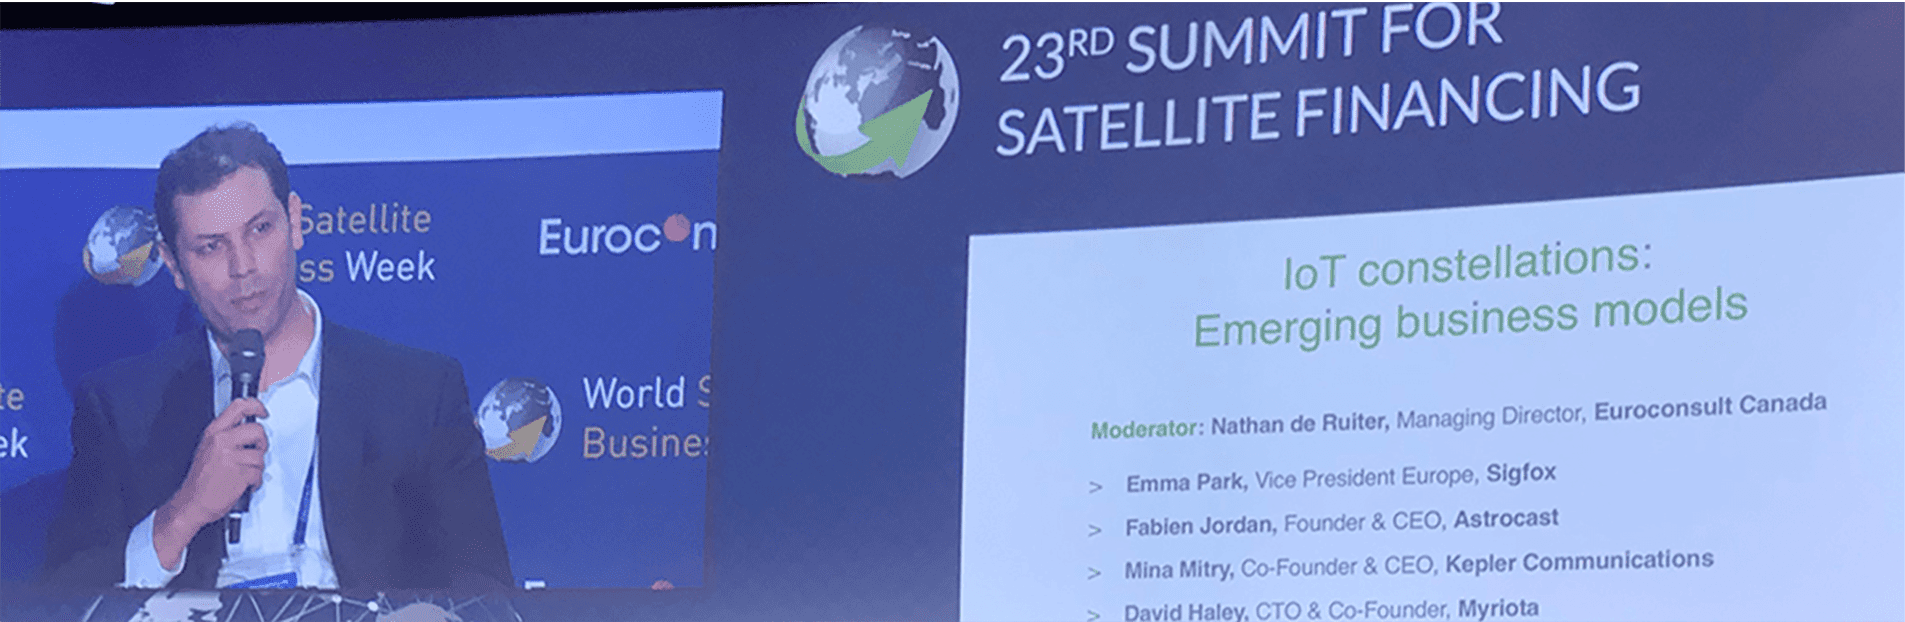 astrocast_world-satellite-business-week-2019